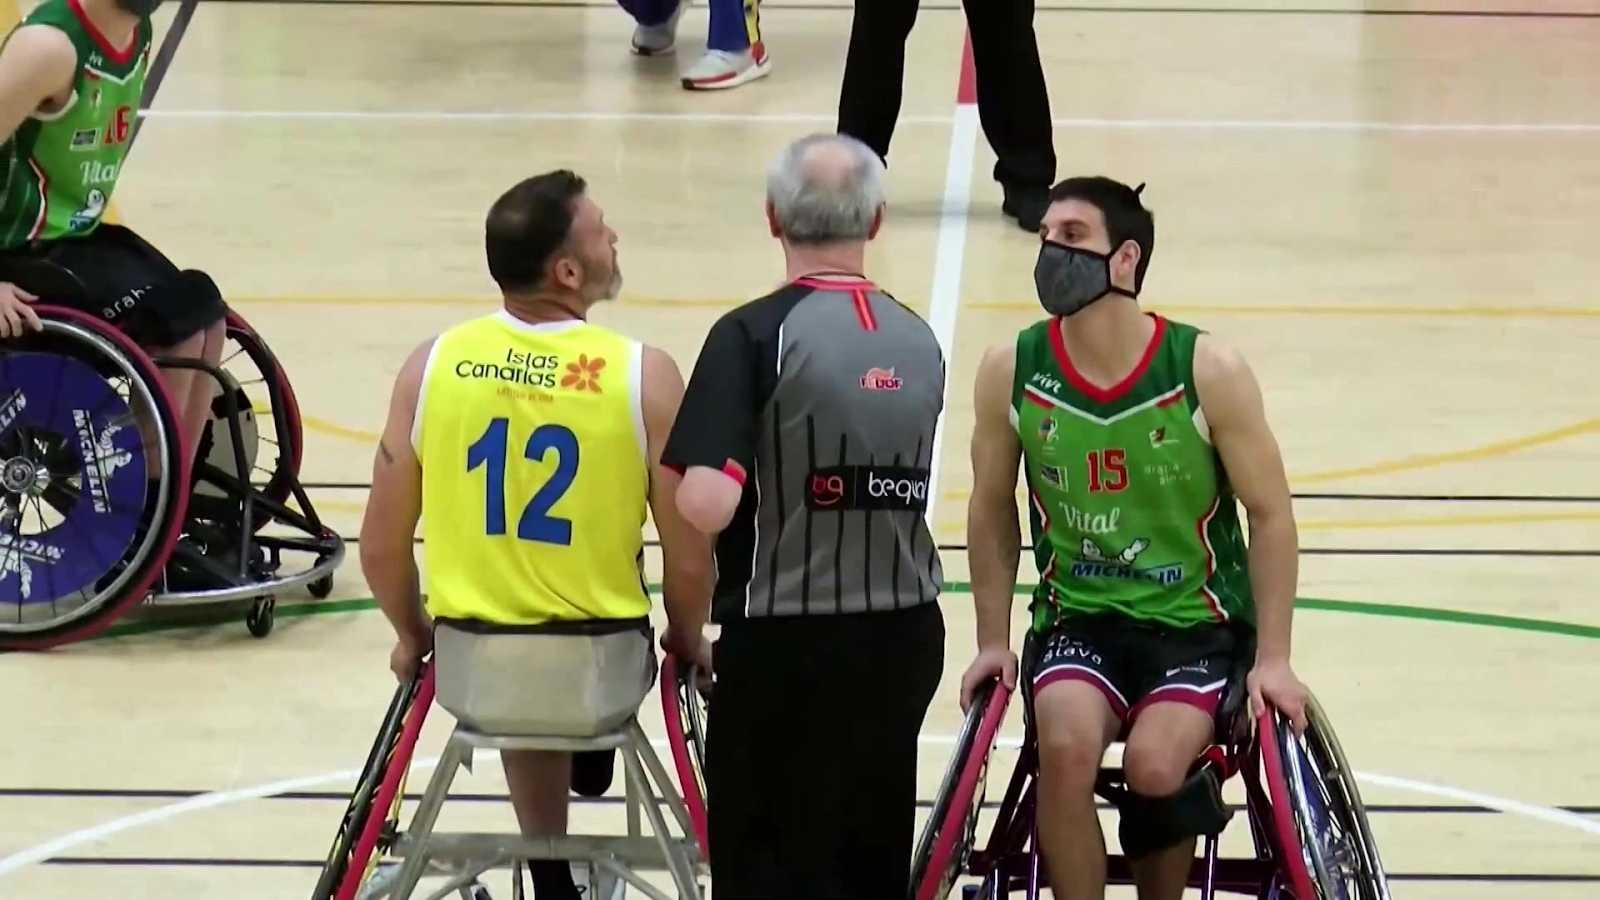 Baloncesto en silla de ruedas - Liga BSR División de honor. Resumen Jornada 14 - ver ahora